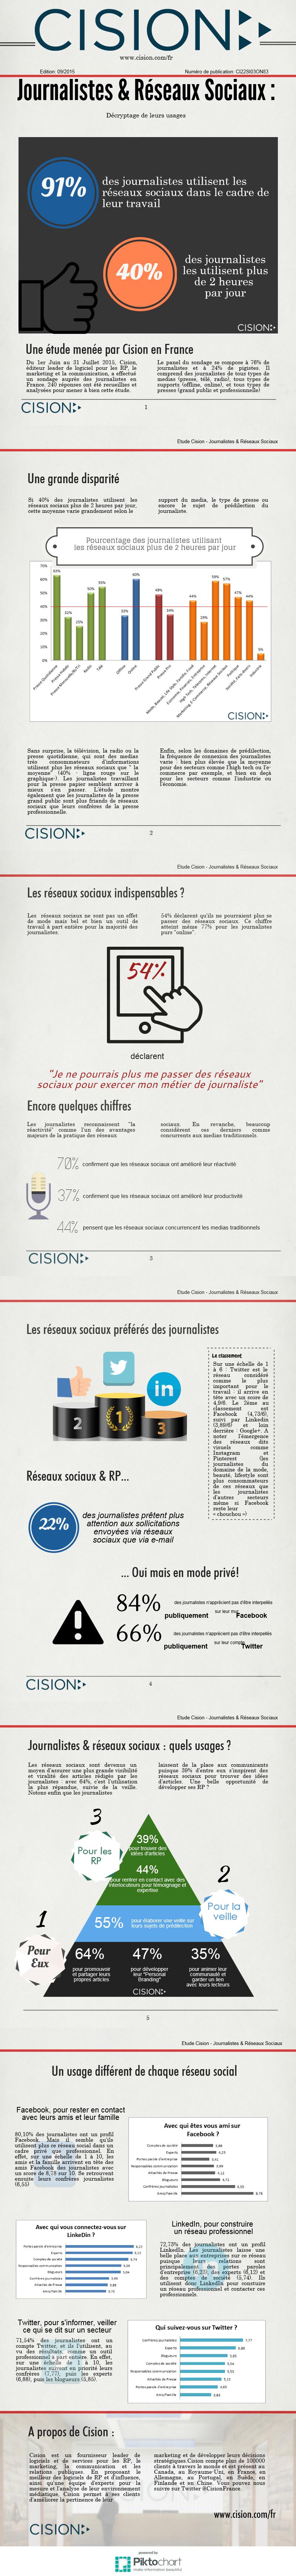 Infographie 231 - Etude-Cision-Journalistes-et-Reseaux-Sociaux